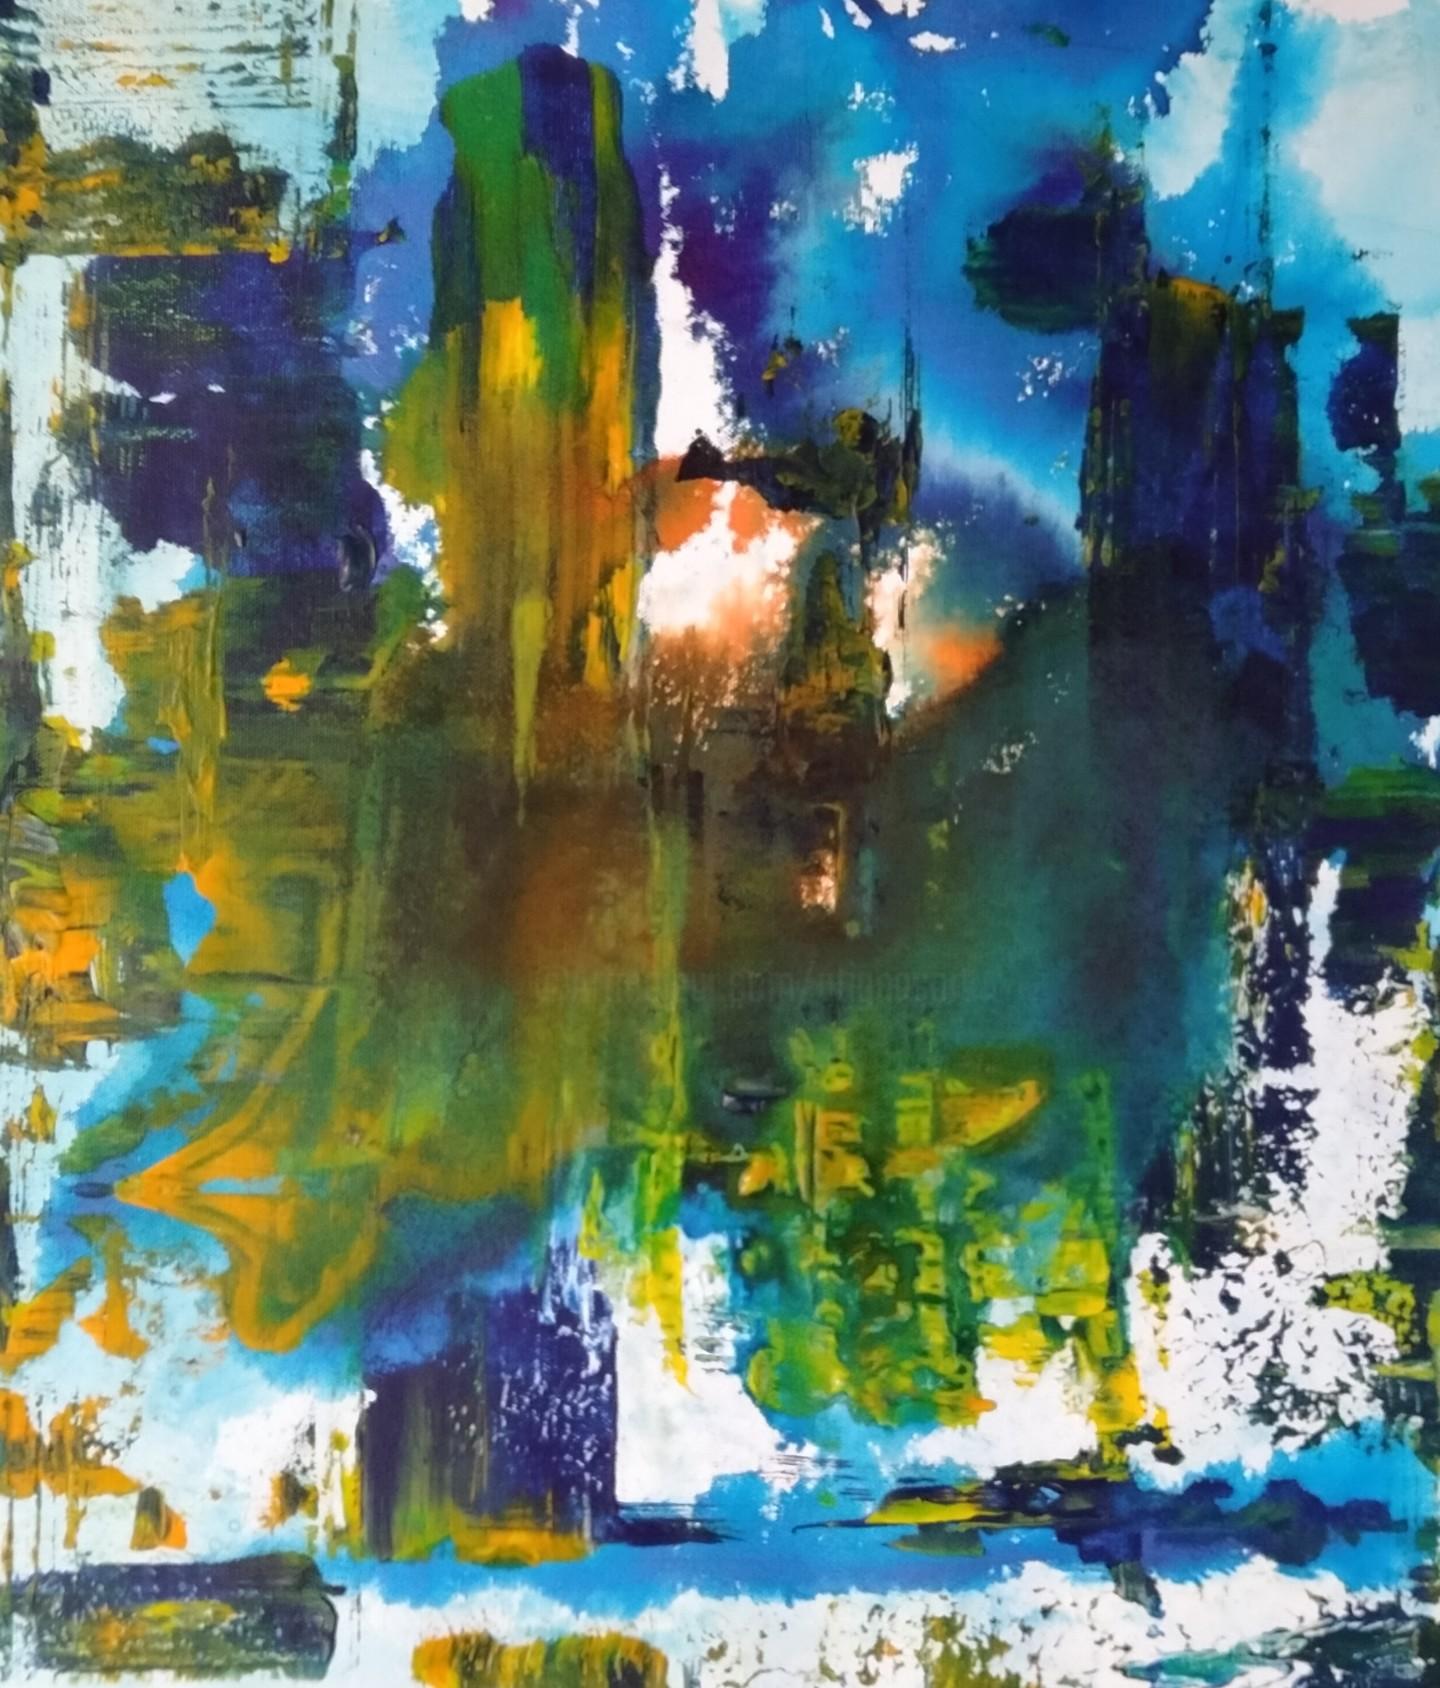 Atignas Art - Untitled_111220